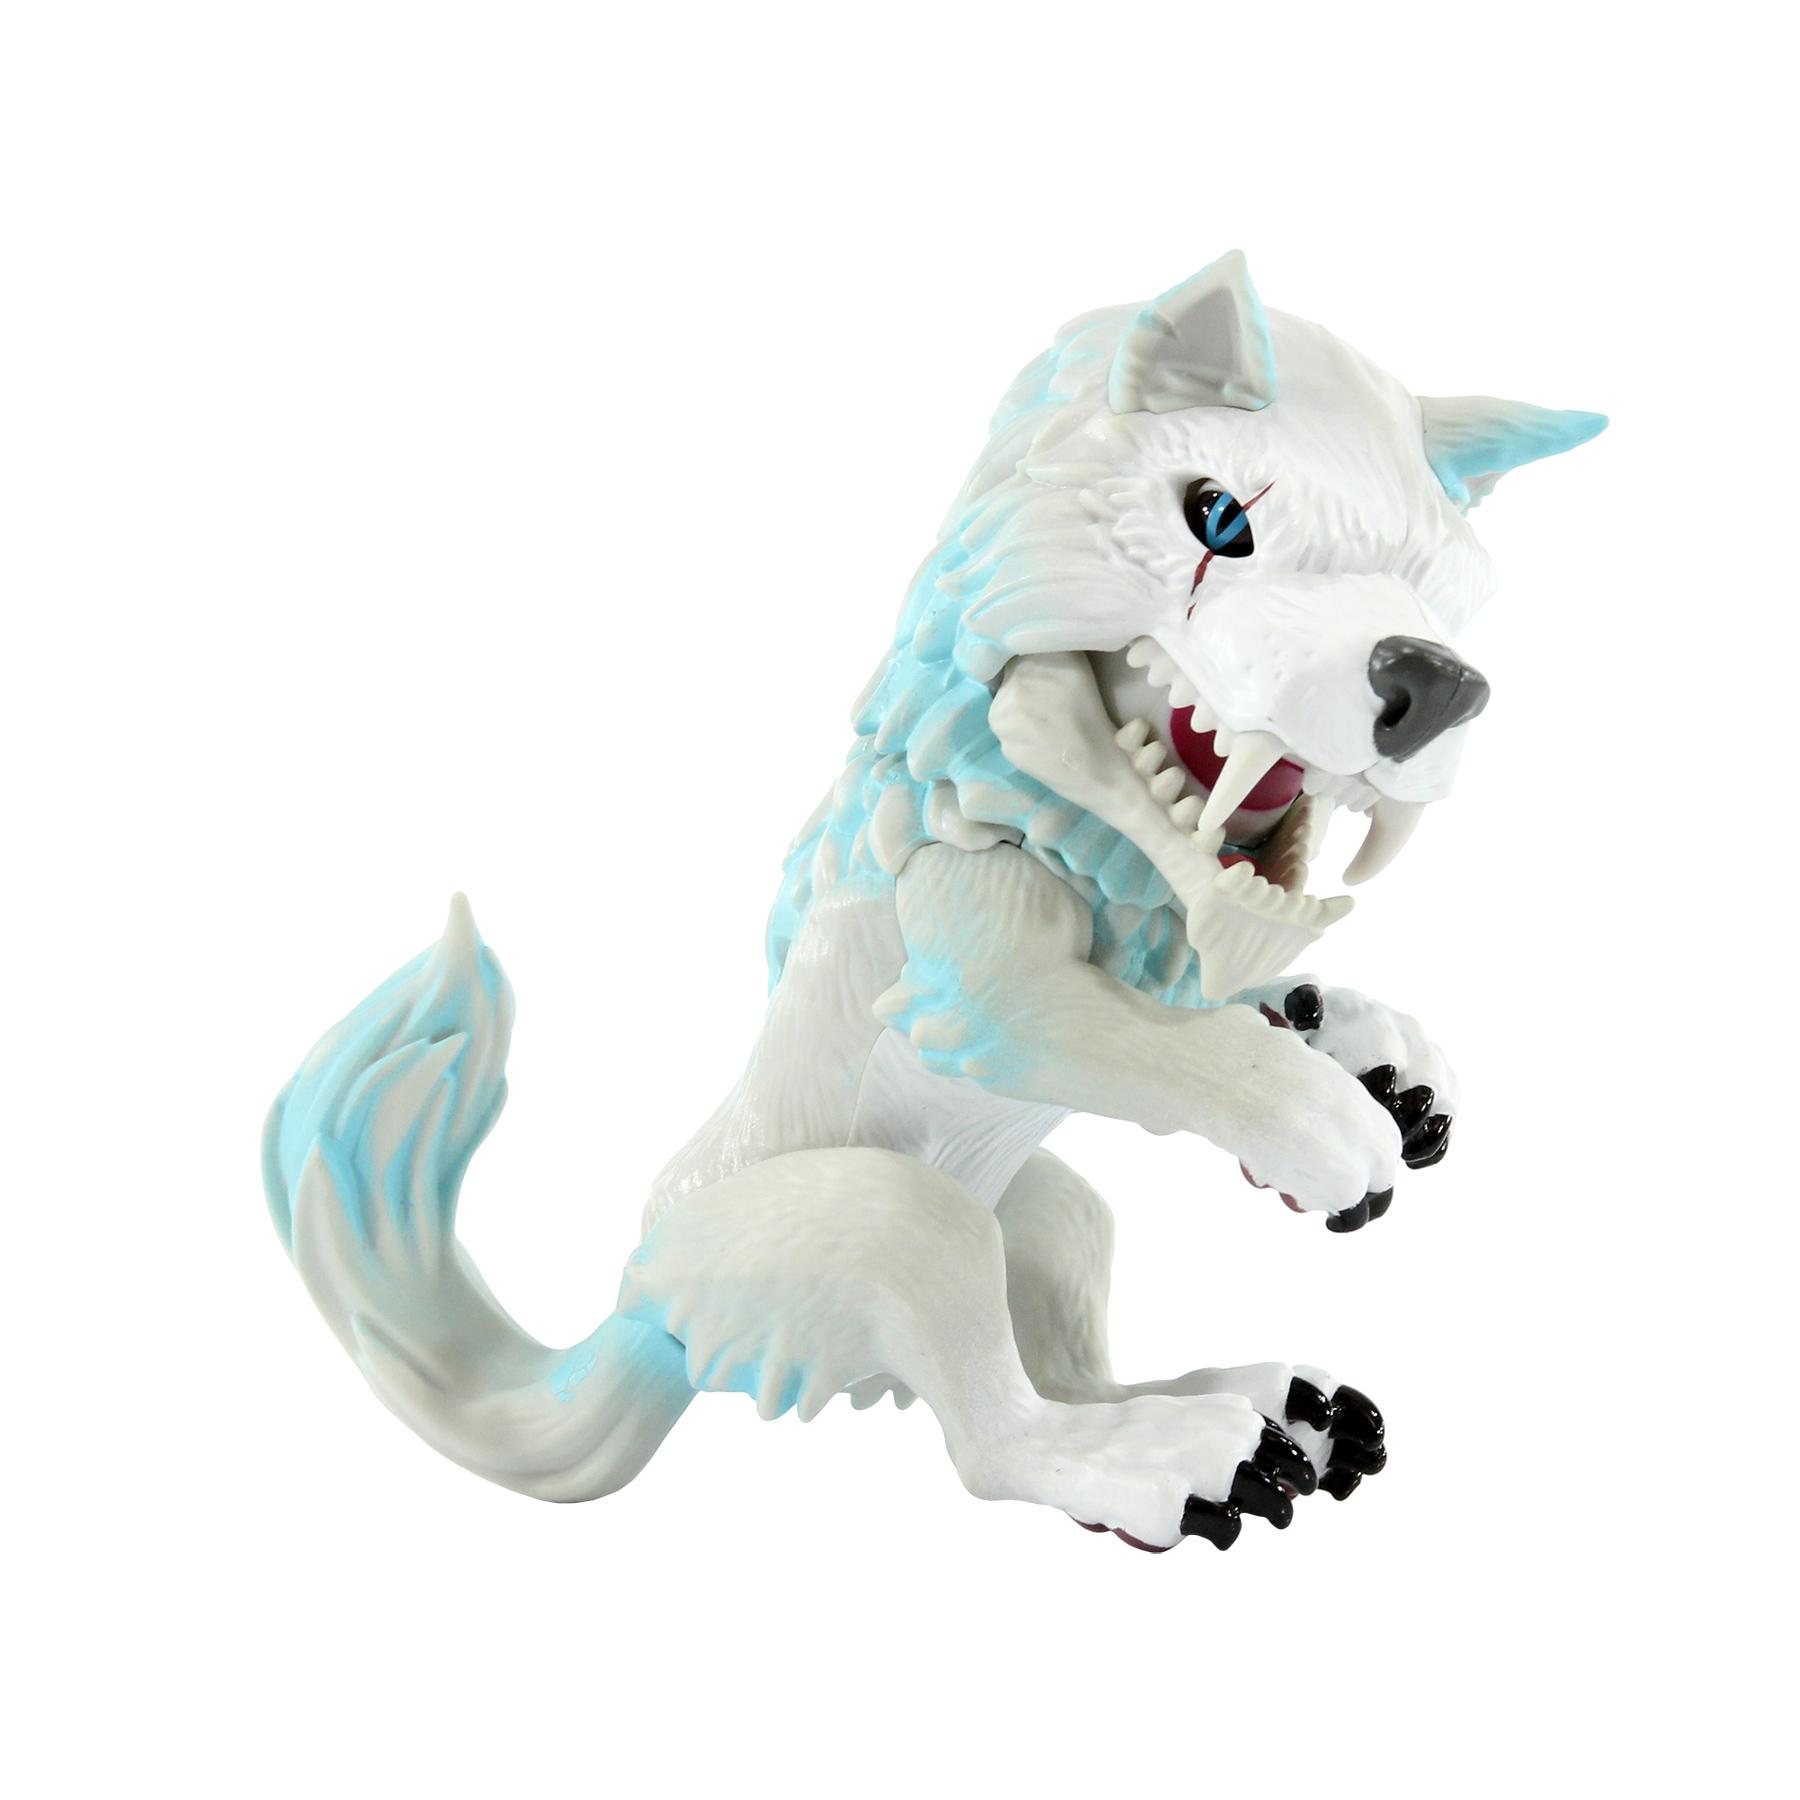 Купить Интерактивный Волк-оборотень Дикий из серии Fingerlings, WowWee